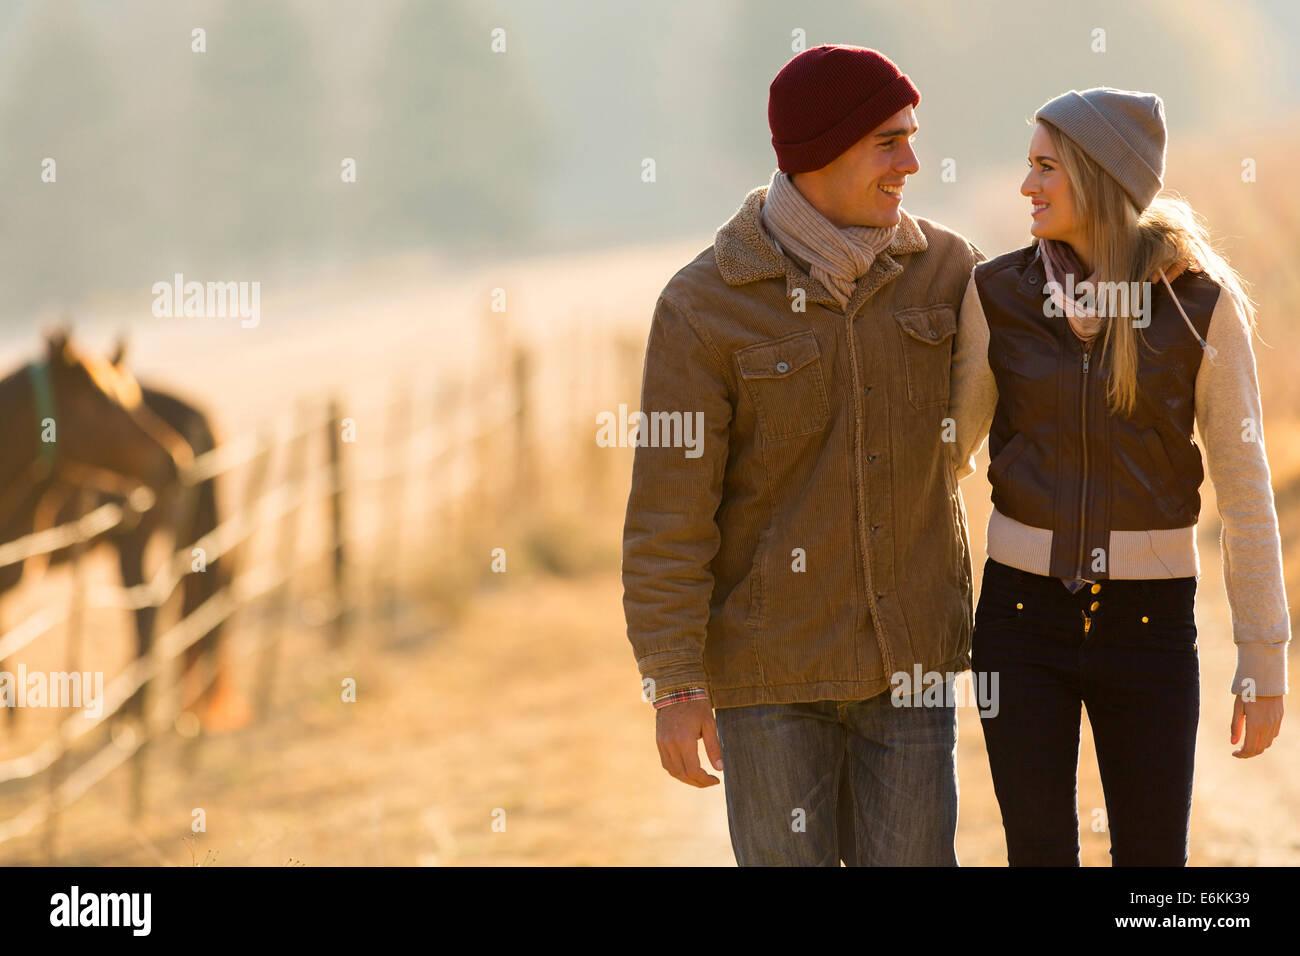 Adorabile coppia giovane passeggiate in campagna Immagini Stock